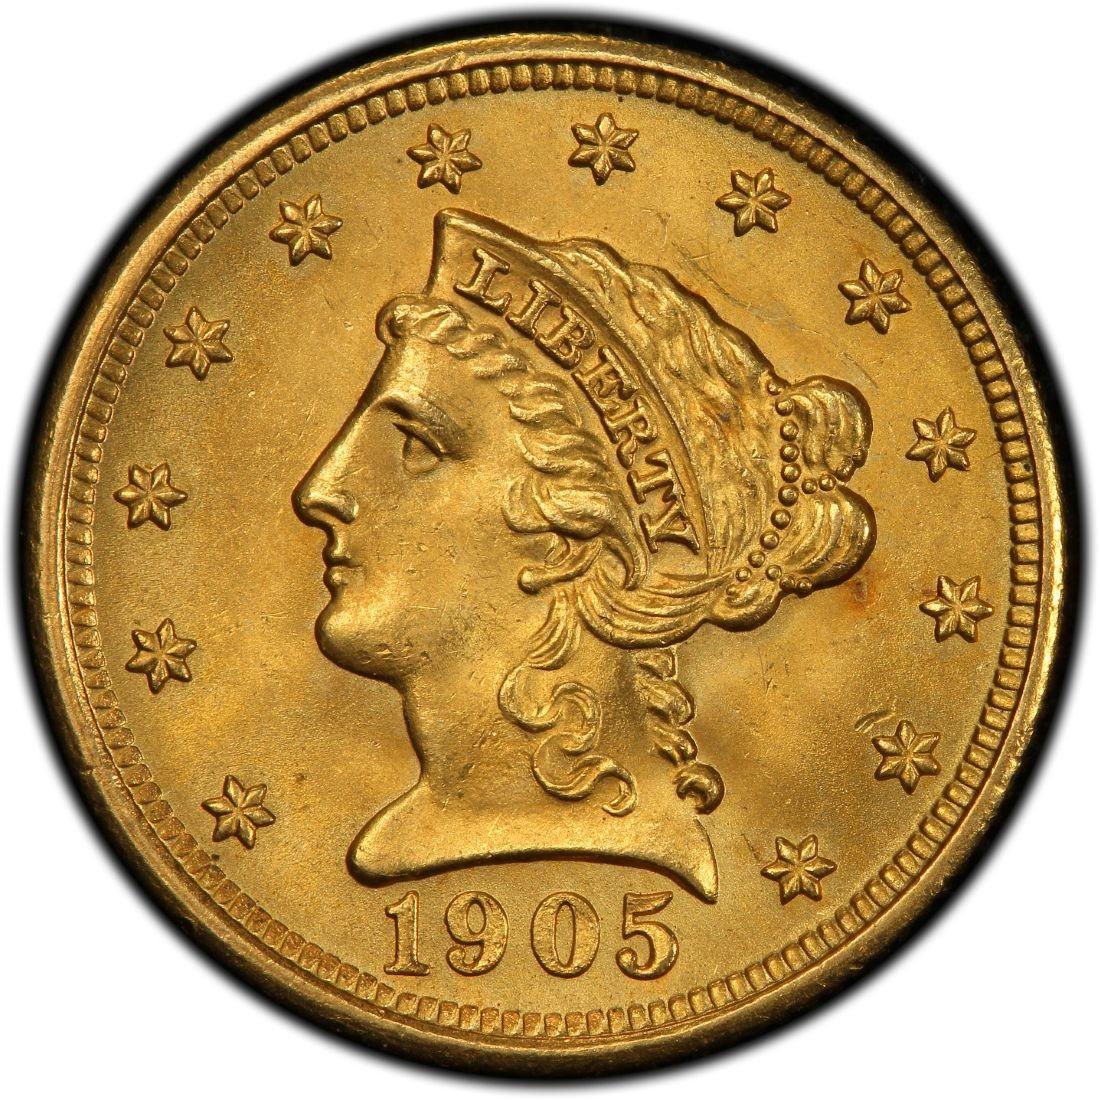 quarter coin value